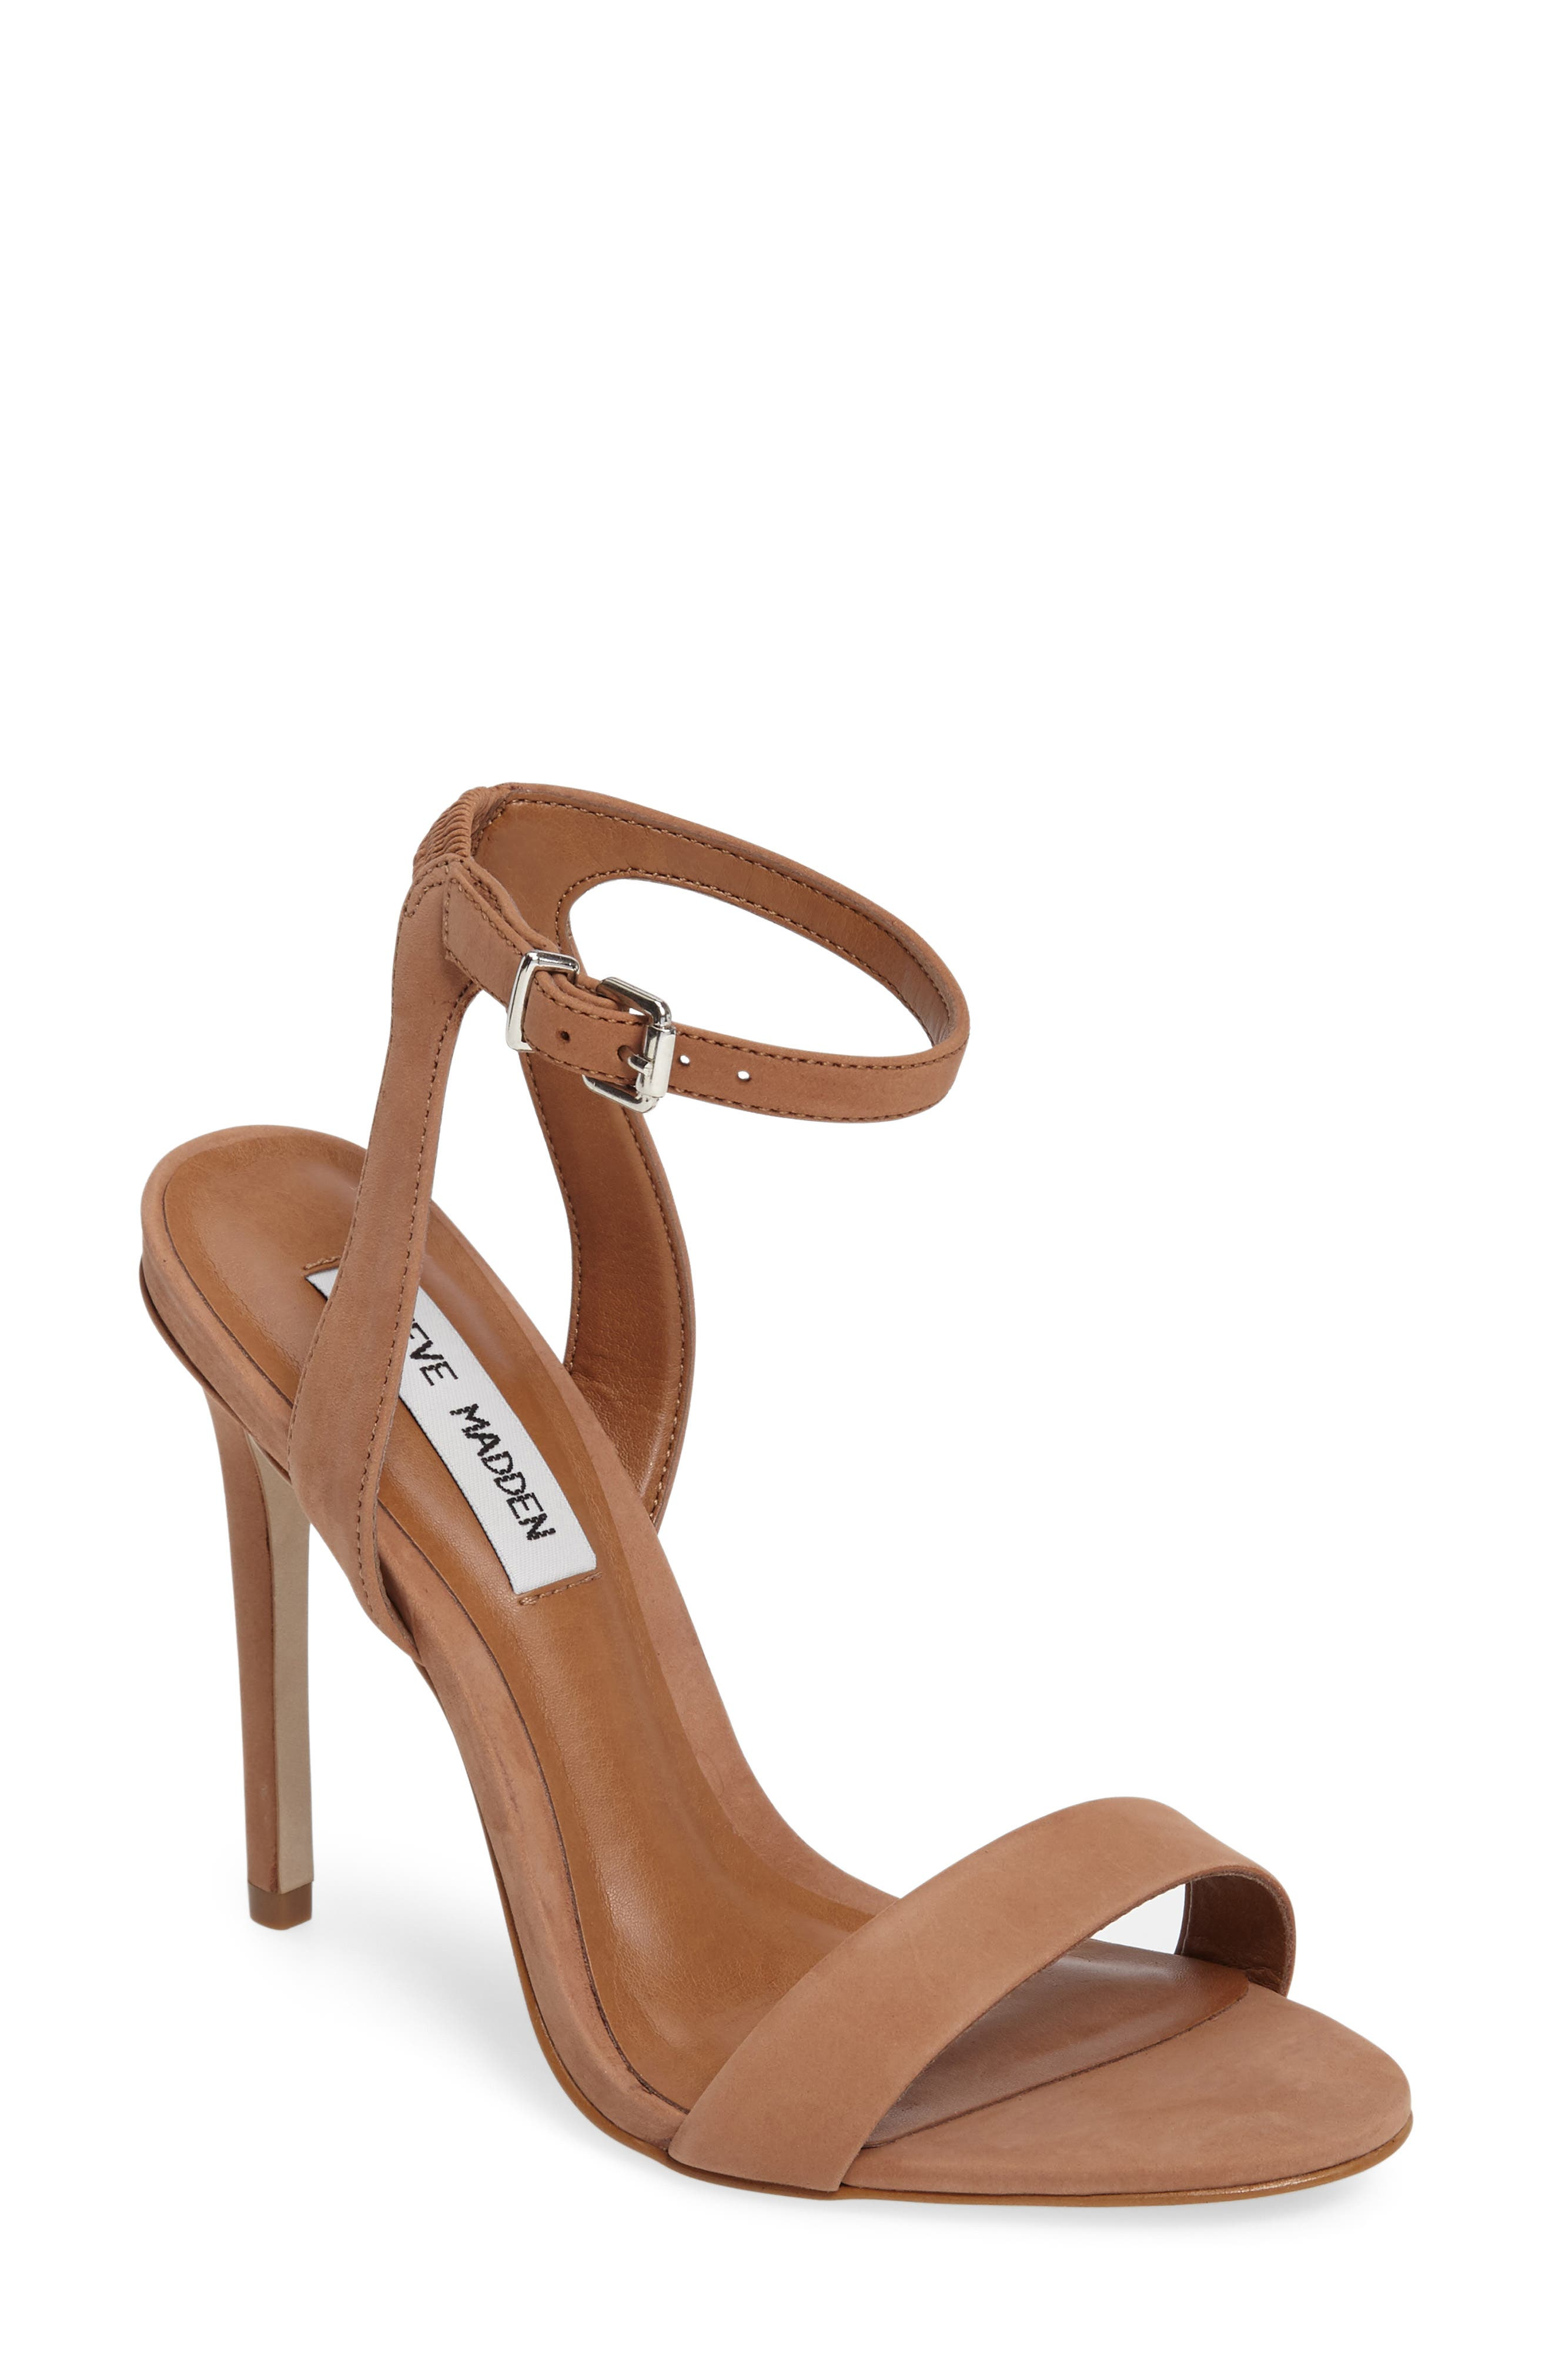 Alternate Image 1 Selected - Steve Madden Landen Ankle Strap Sandal (Women)